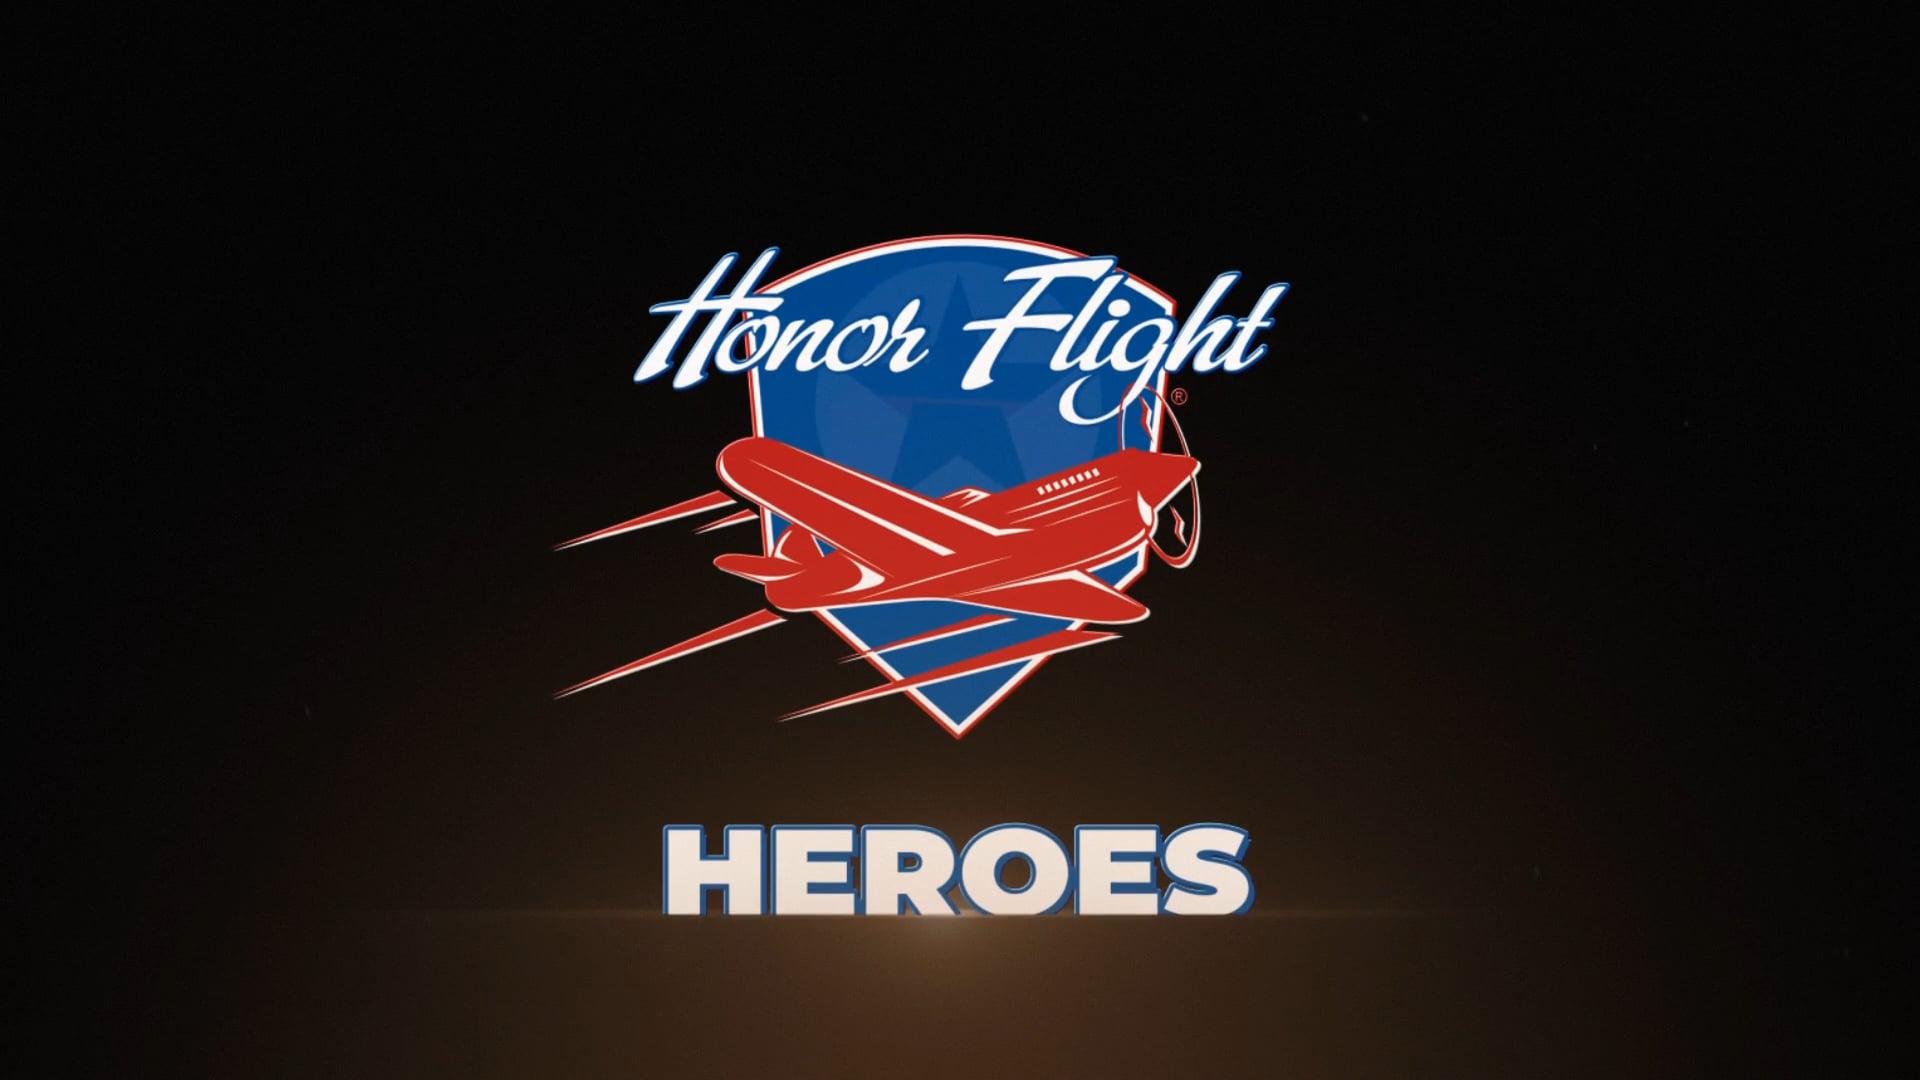 Honor Flight Heroes Trailer